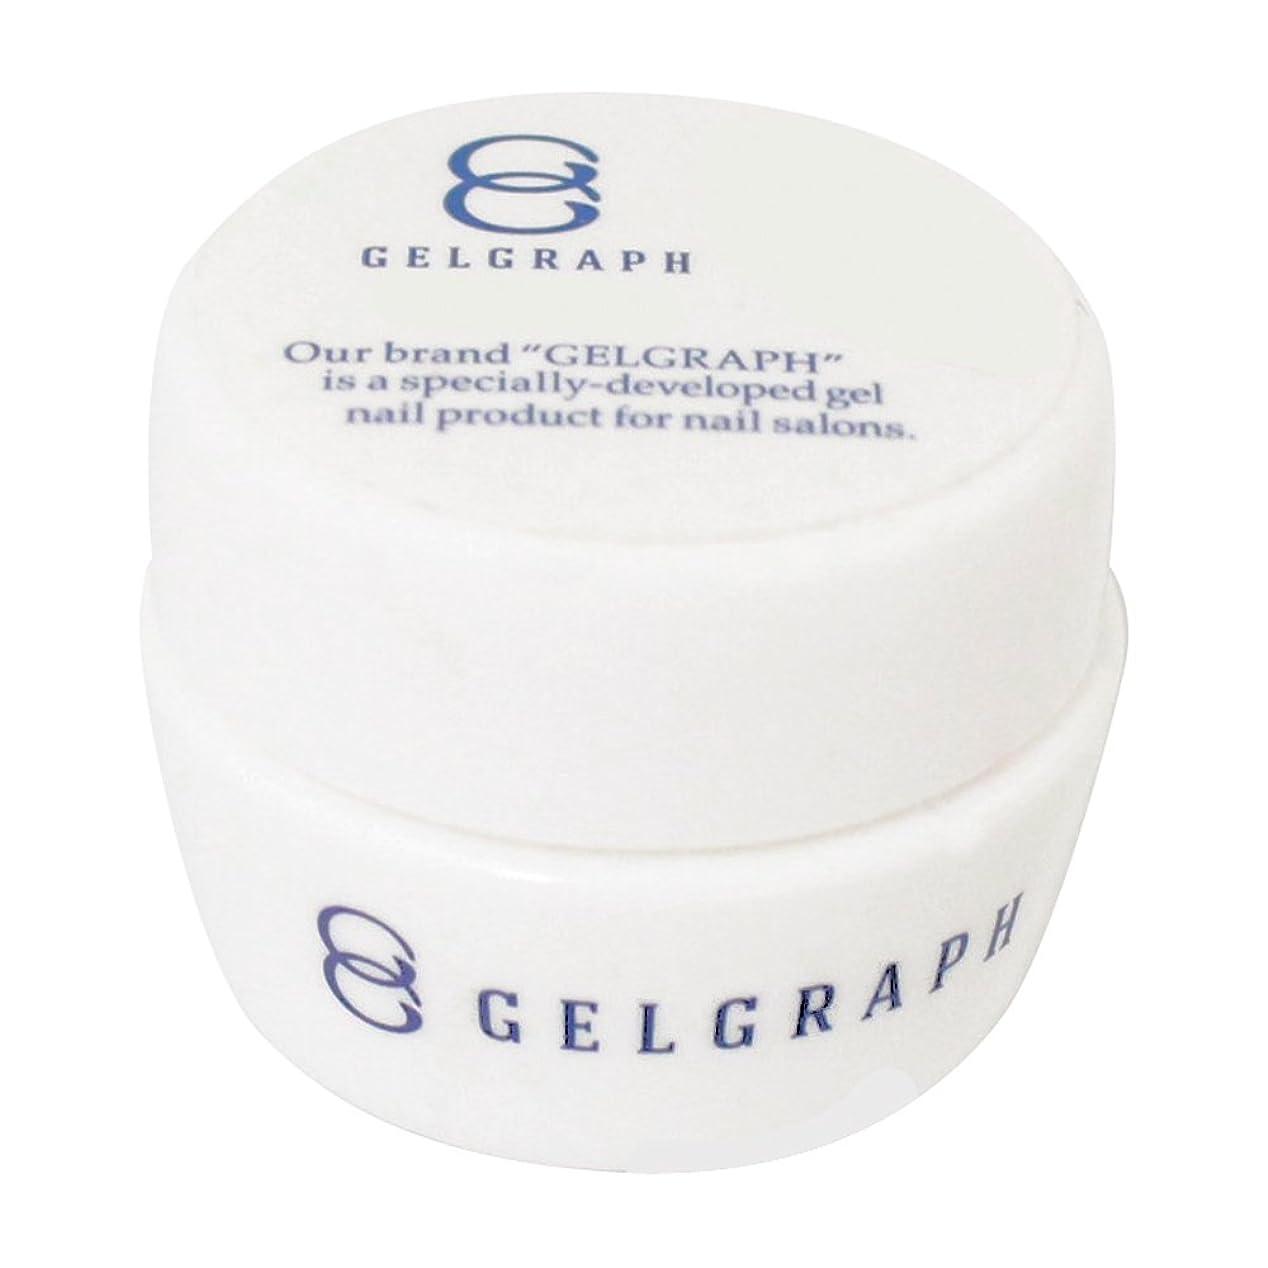 ほぼ盗難摘むGELGRAPH カラージェル 020GP-n クリームソーダ 5g UV/LED対応 ソークオフジェル